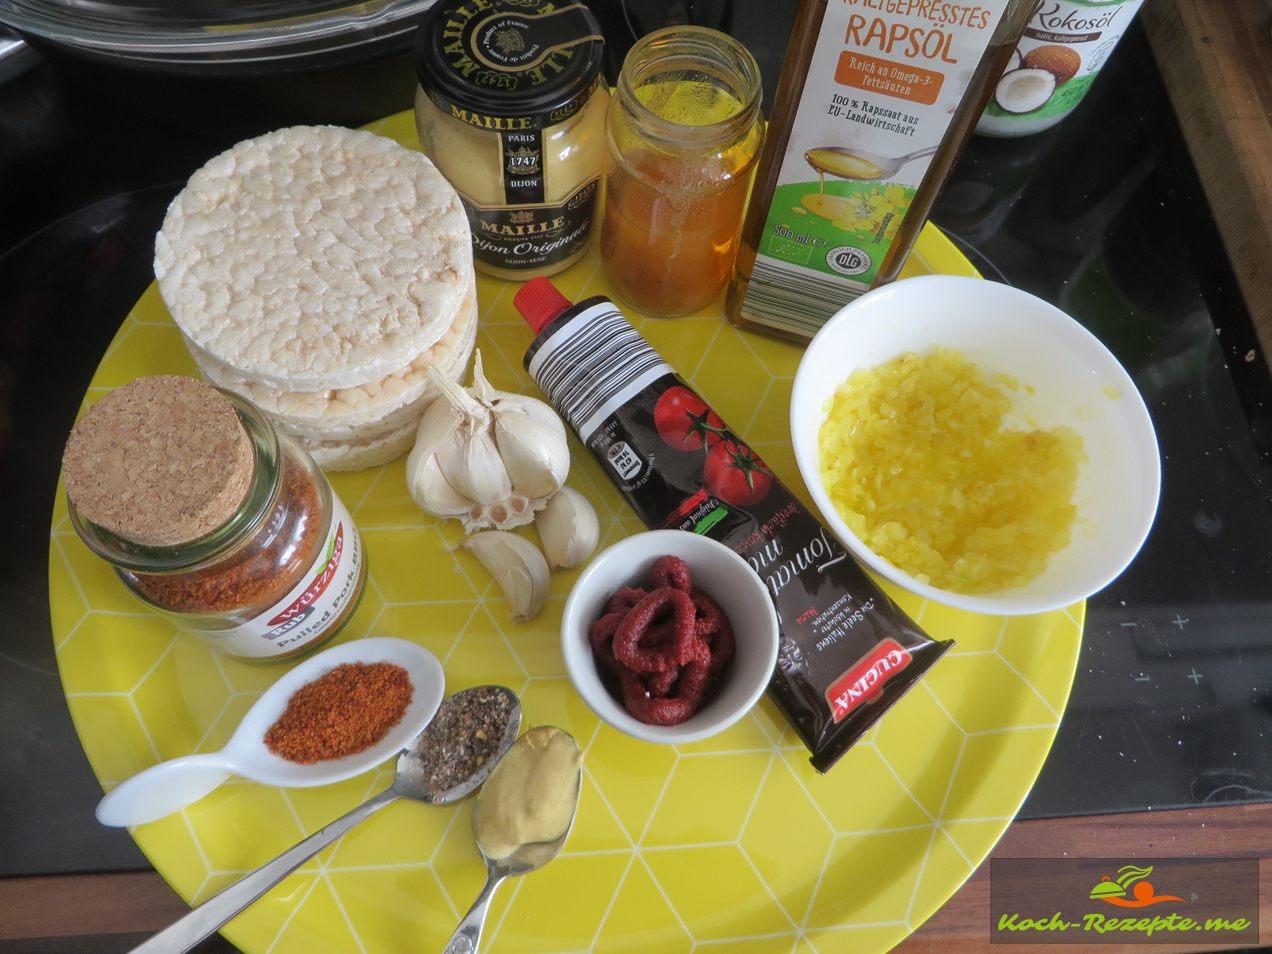 Zutaten für Veganes Mett,Reiswaffeln,Schalotten und Knoblauch in Öl gedünstet,Gewürzmischung,Tomatenmark,Senf,Öl